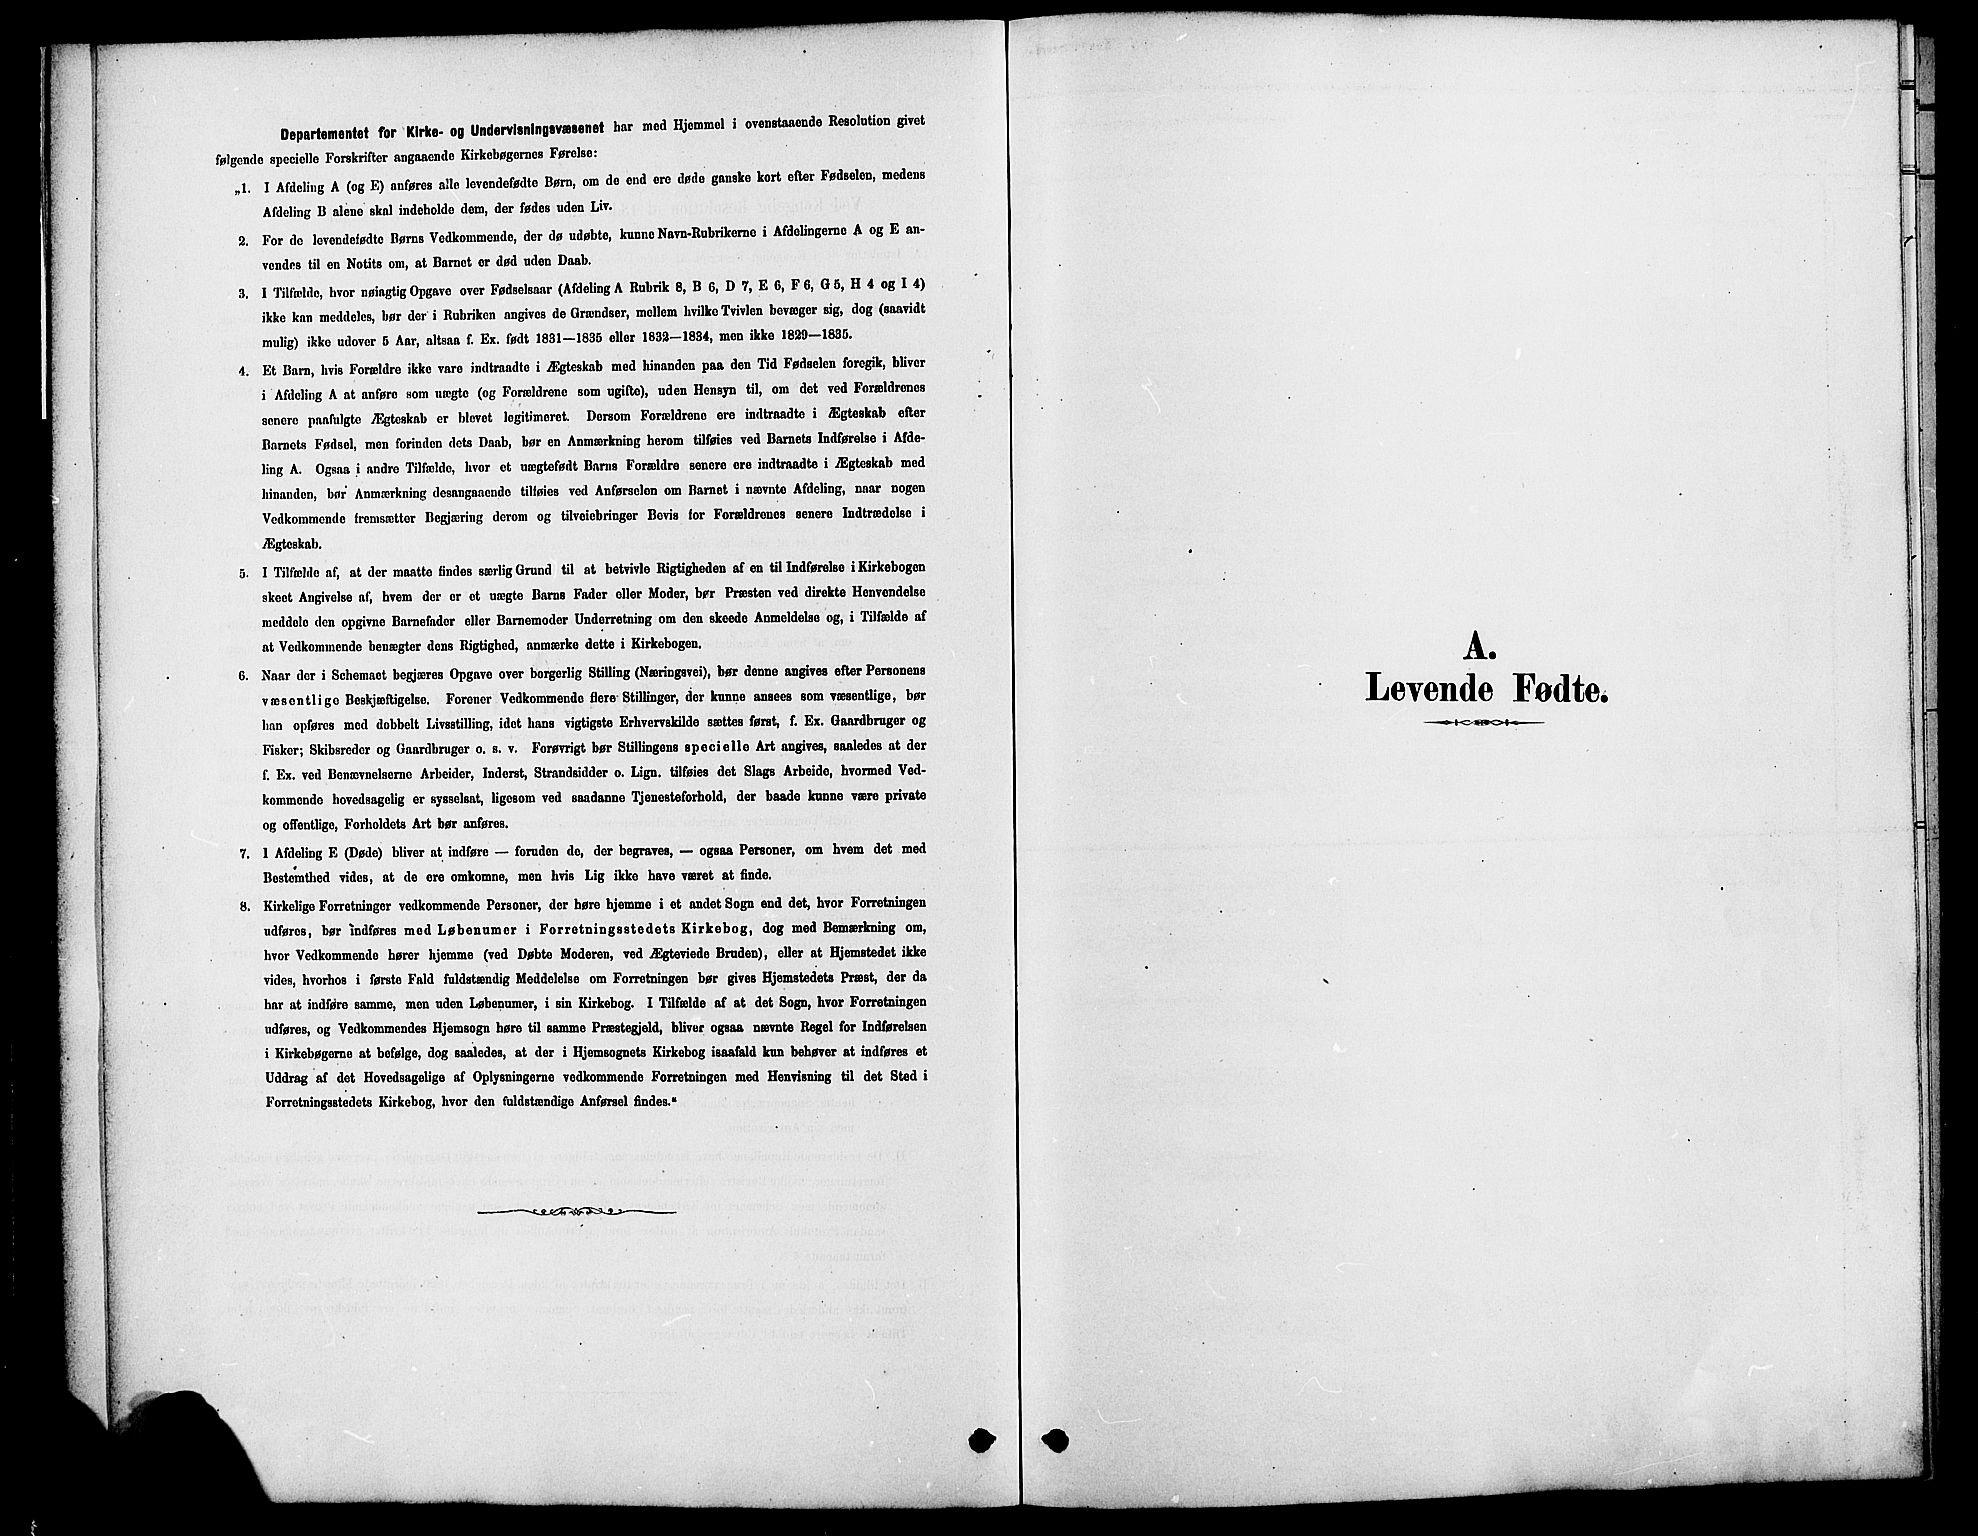 SAH, Rendalen prestekontor, H/Ha/Haa/L0007: Ministerialbok nr. 7, 1878-1898